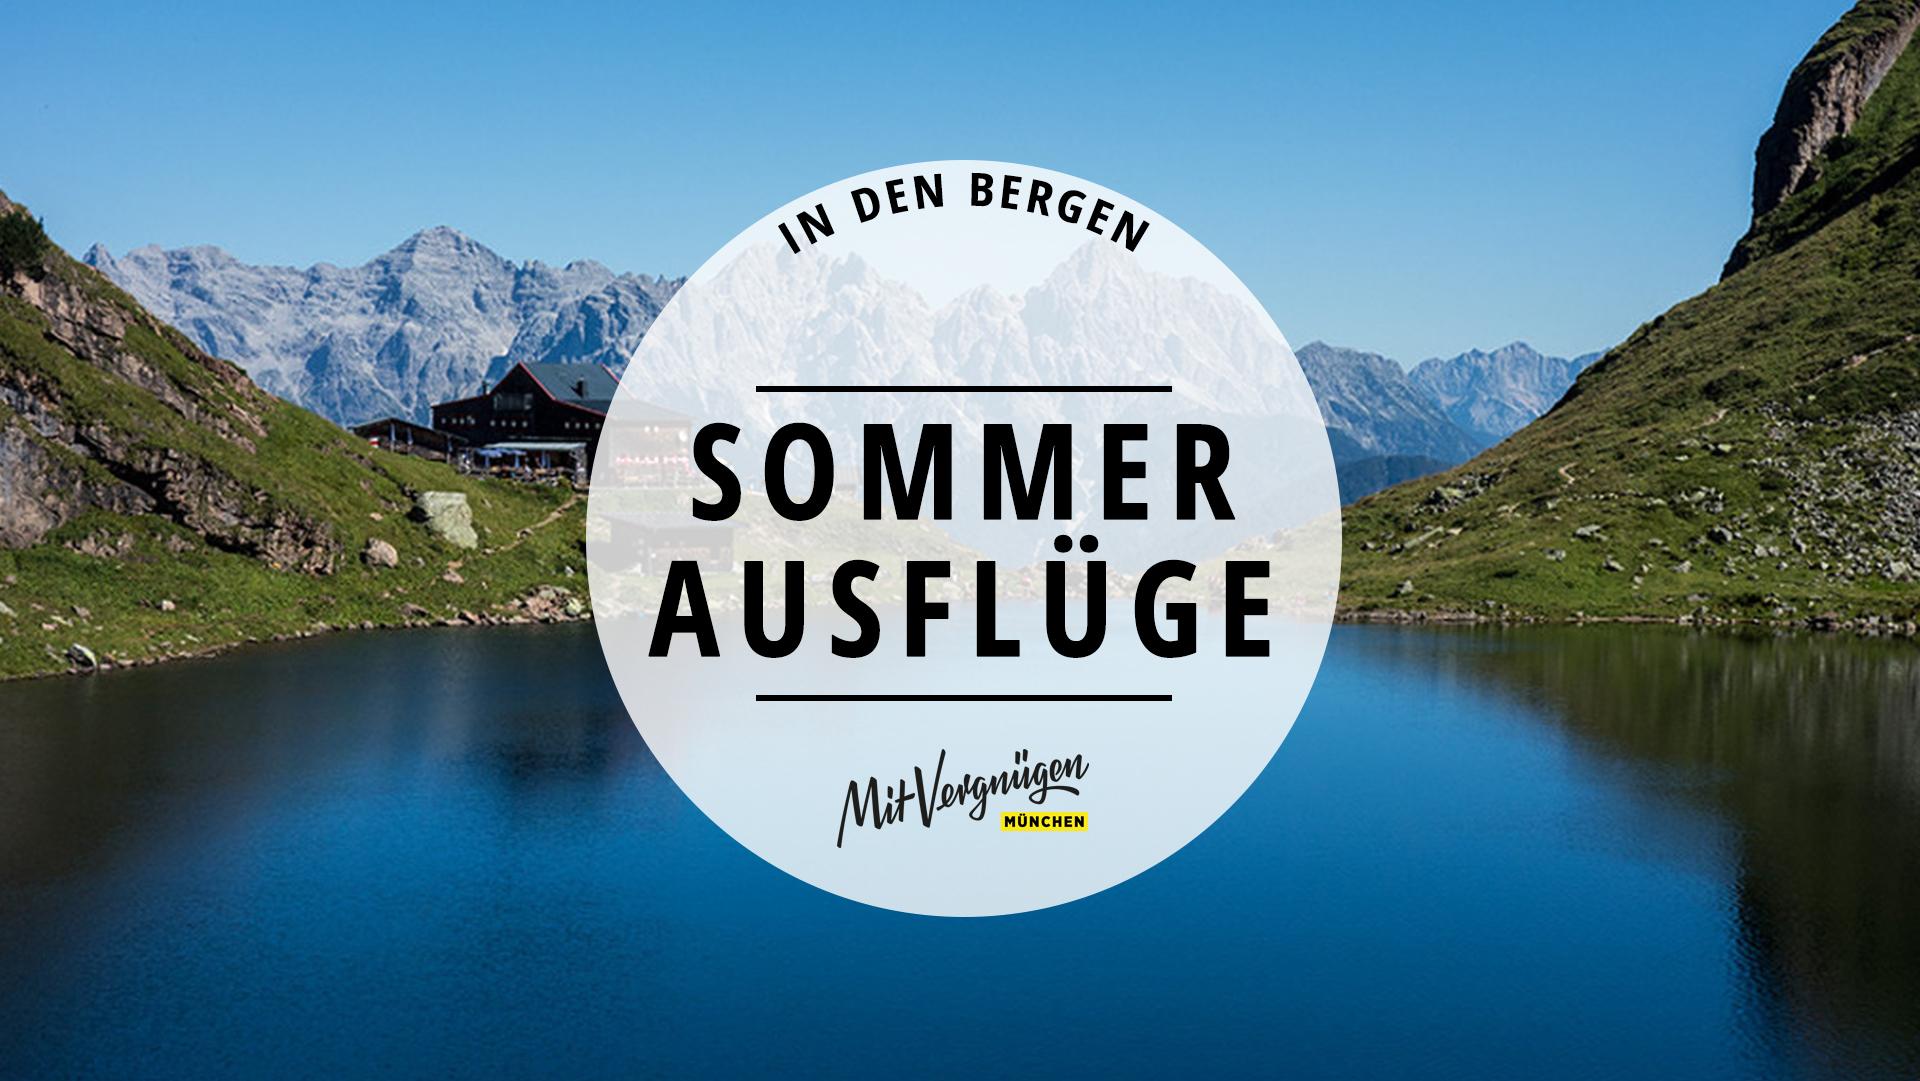 Wunderschöne Die BergeMit Vergnügen In Sommerausflüge 11 München CoxeQdBWr